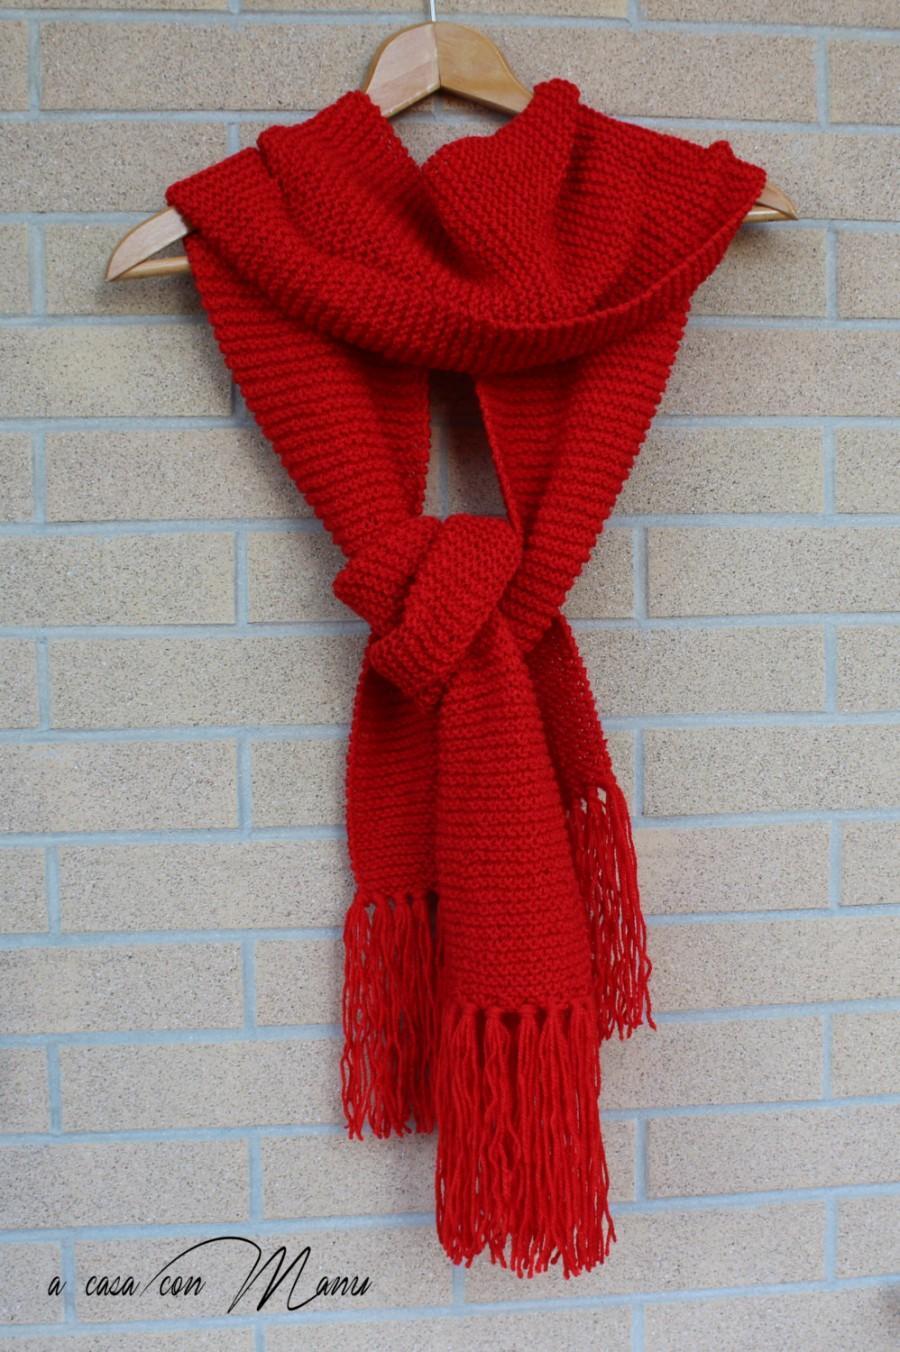 Hochzeit - Sciarpa lunga, knitted scarf, sciarpa rossa, sciarpa con frange, sciarpa a maglia, accessori invernale, regalo per lei, sciarpa fatta a mano